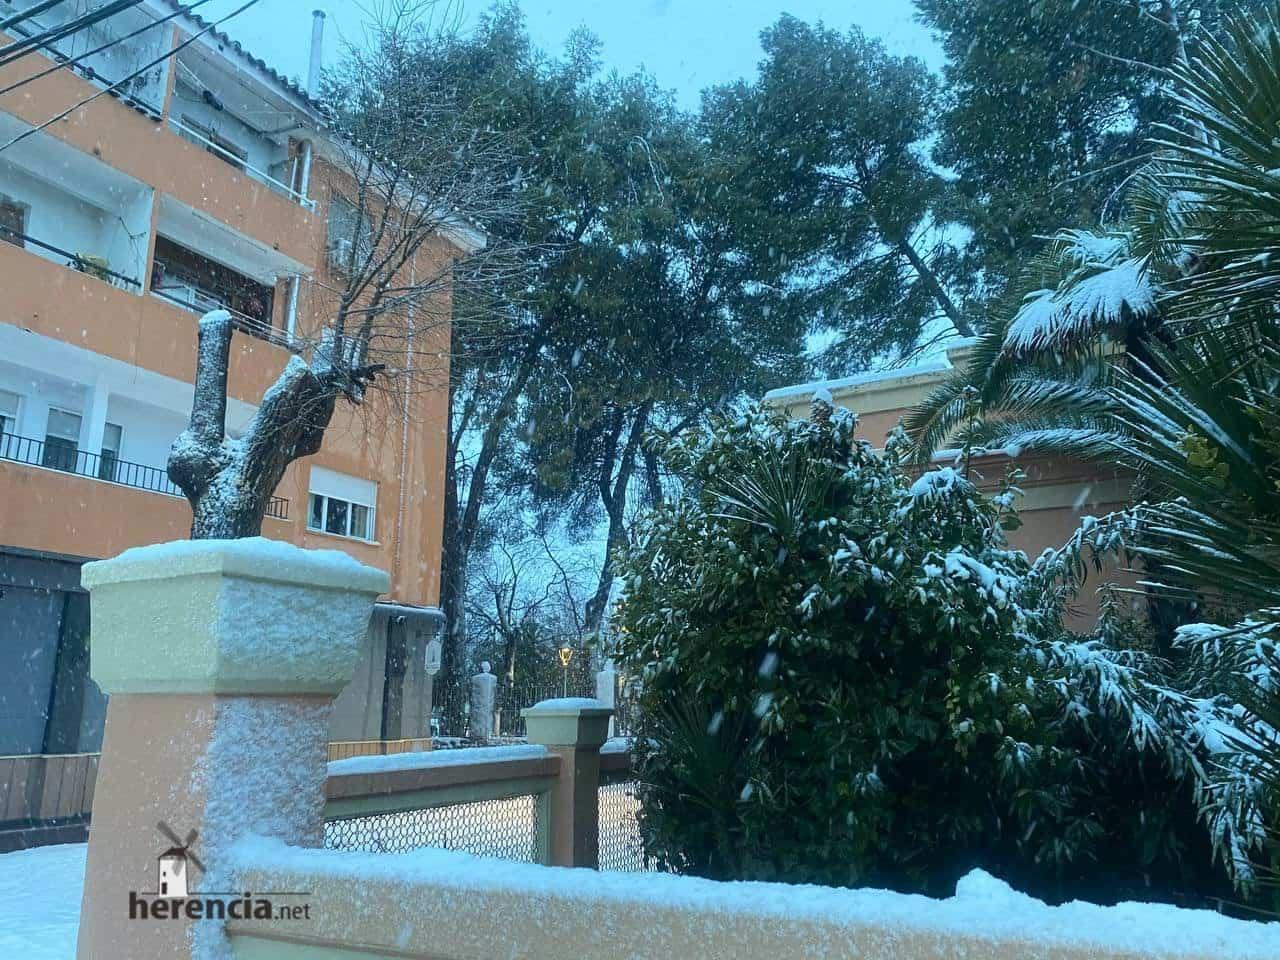 Más fotografías de las nieves de 2021 en Herencia 133